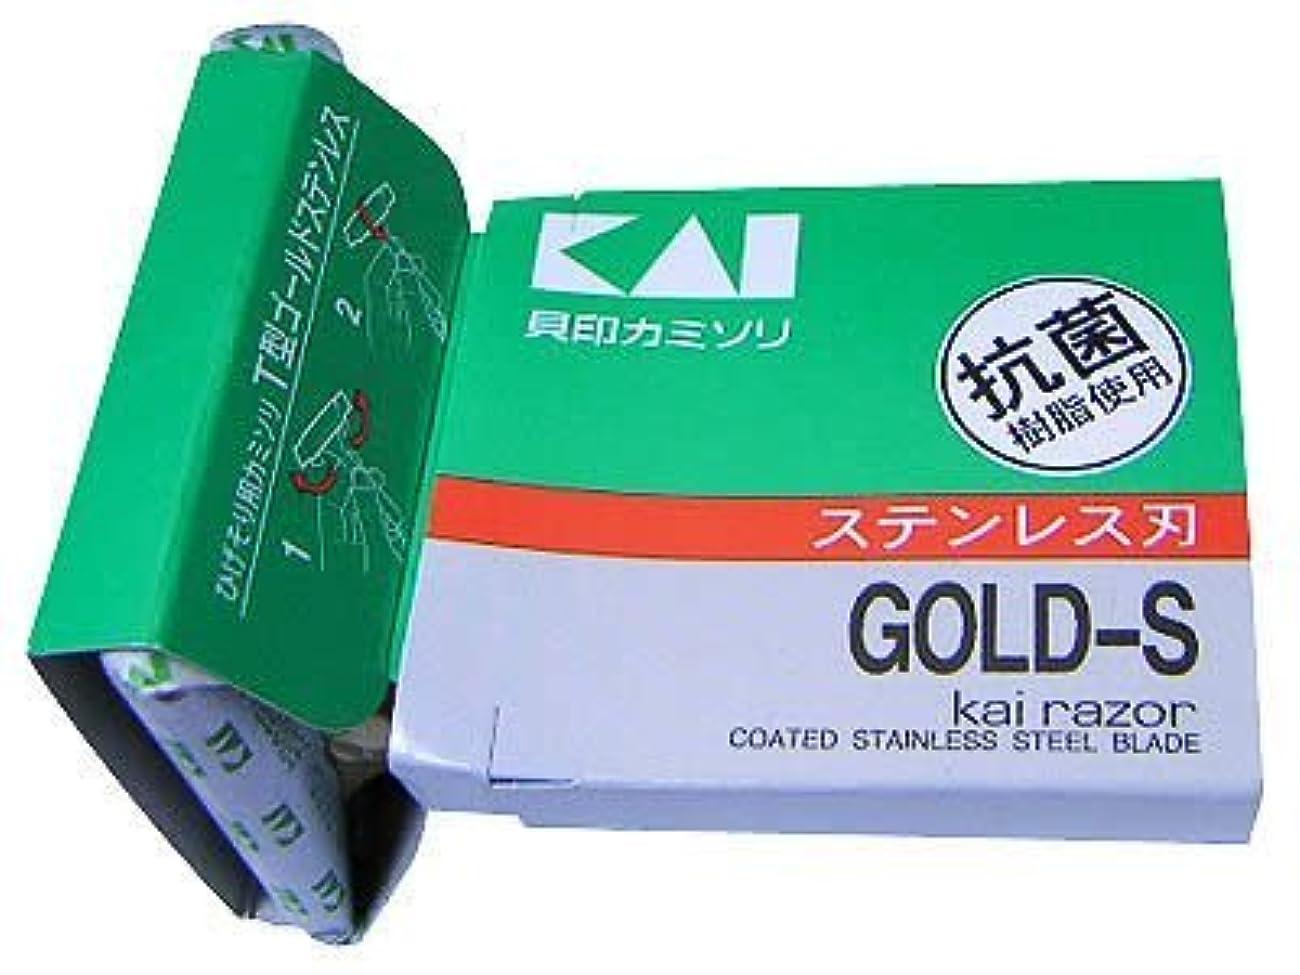 暗殺マートアルカトラズ島T型ゴールドステンレス カミソリ 5本入 ×8個セット